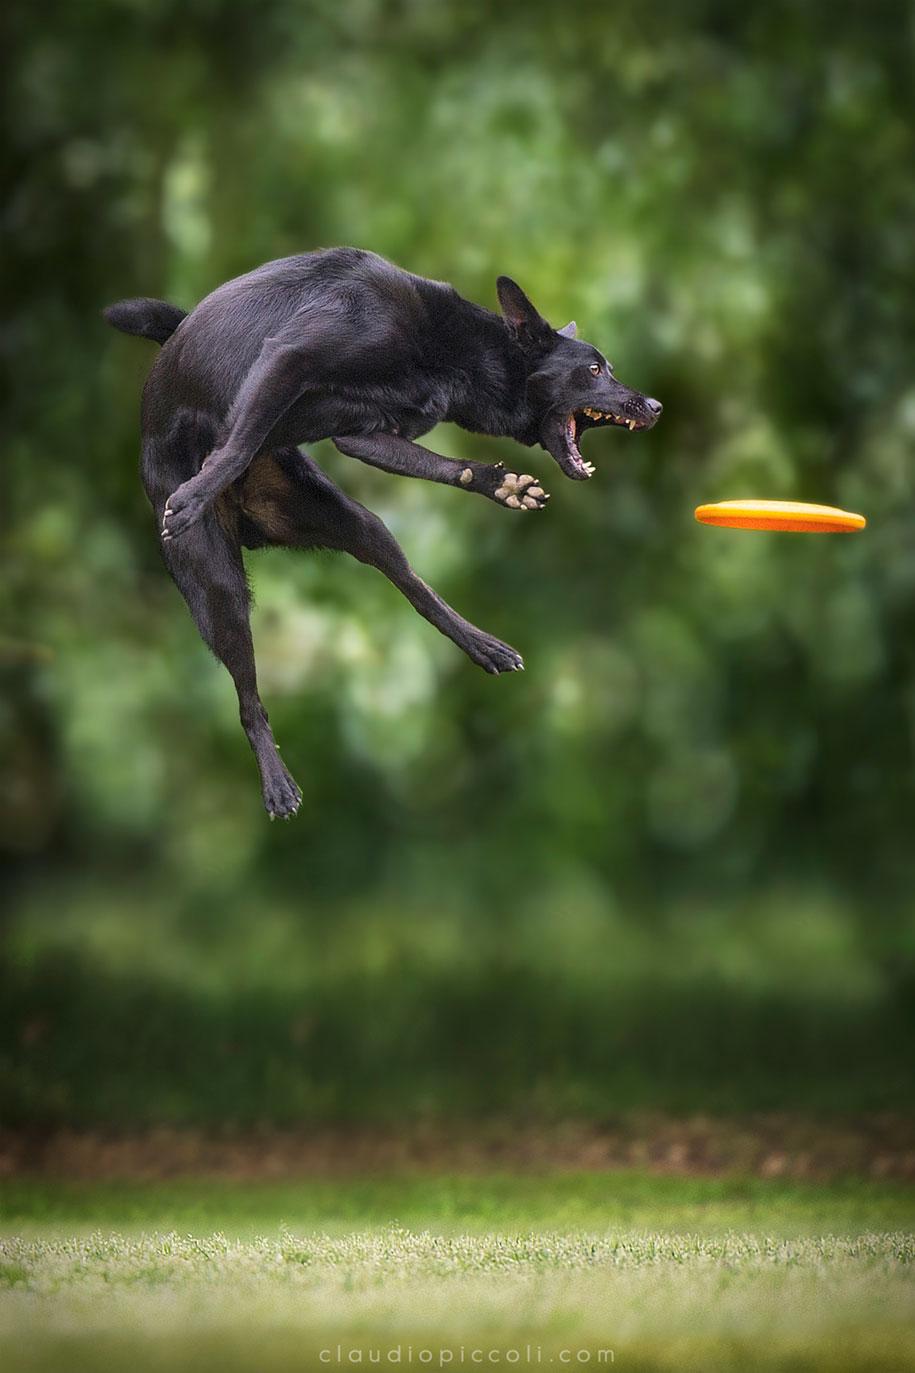 fotografia-cani-che-volano-frisbee-claudio-piccoli-18